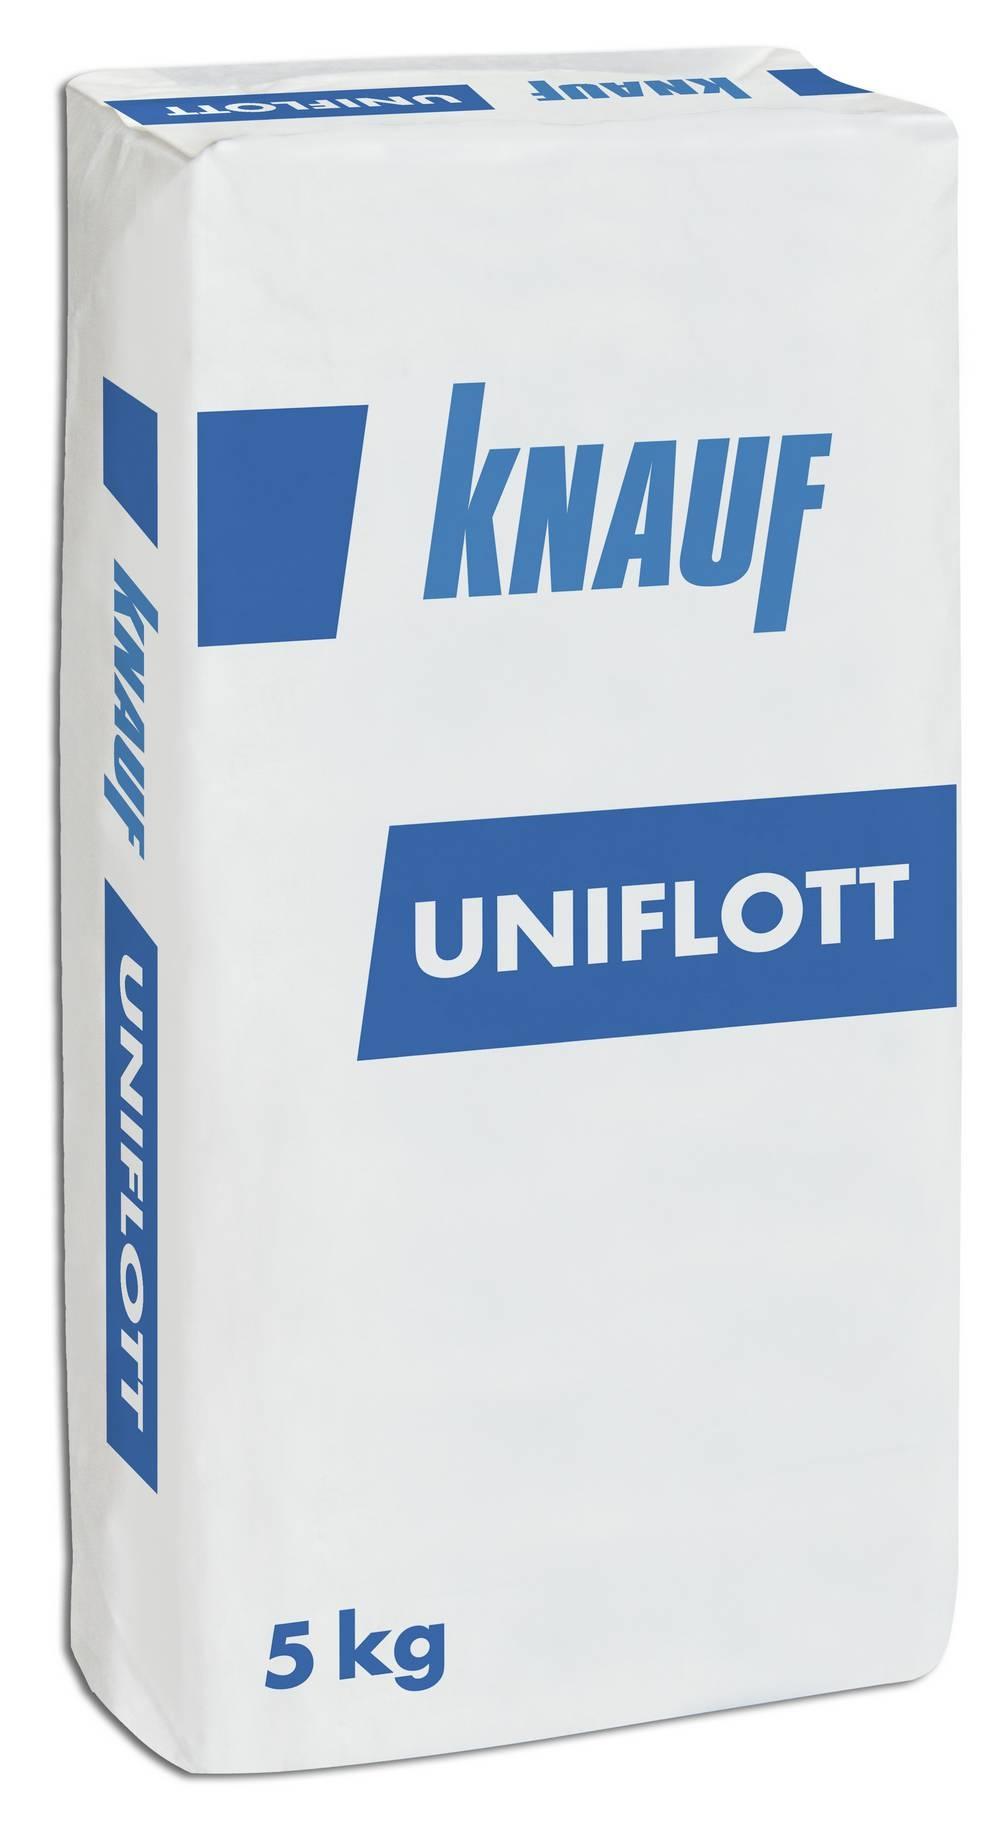 Uniflott zakgoed 5kg (200)